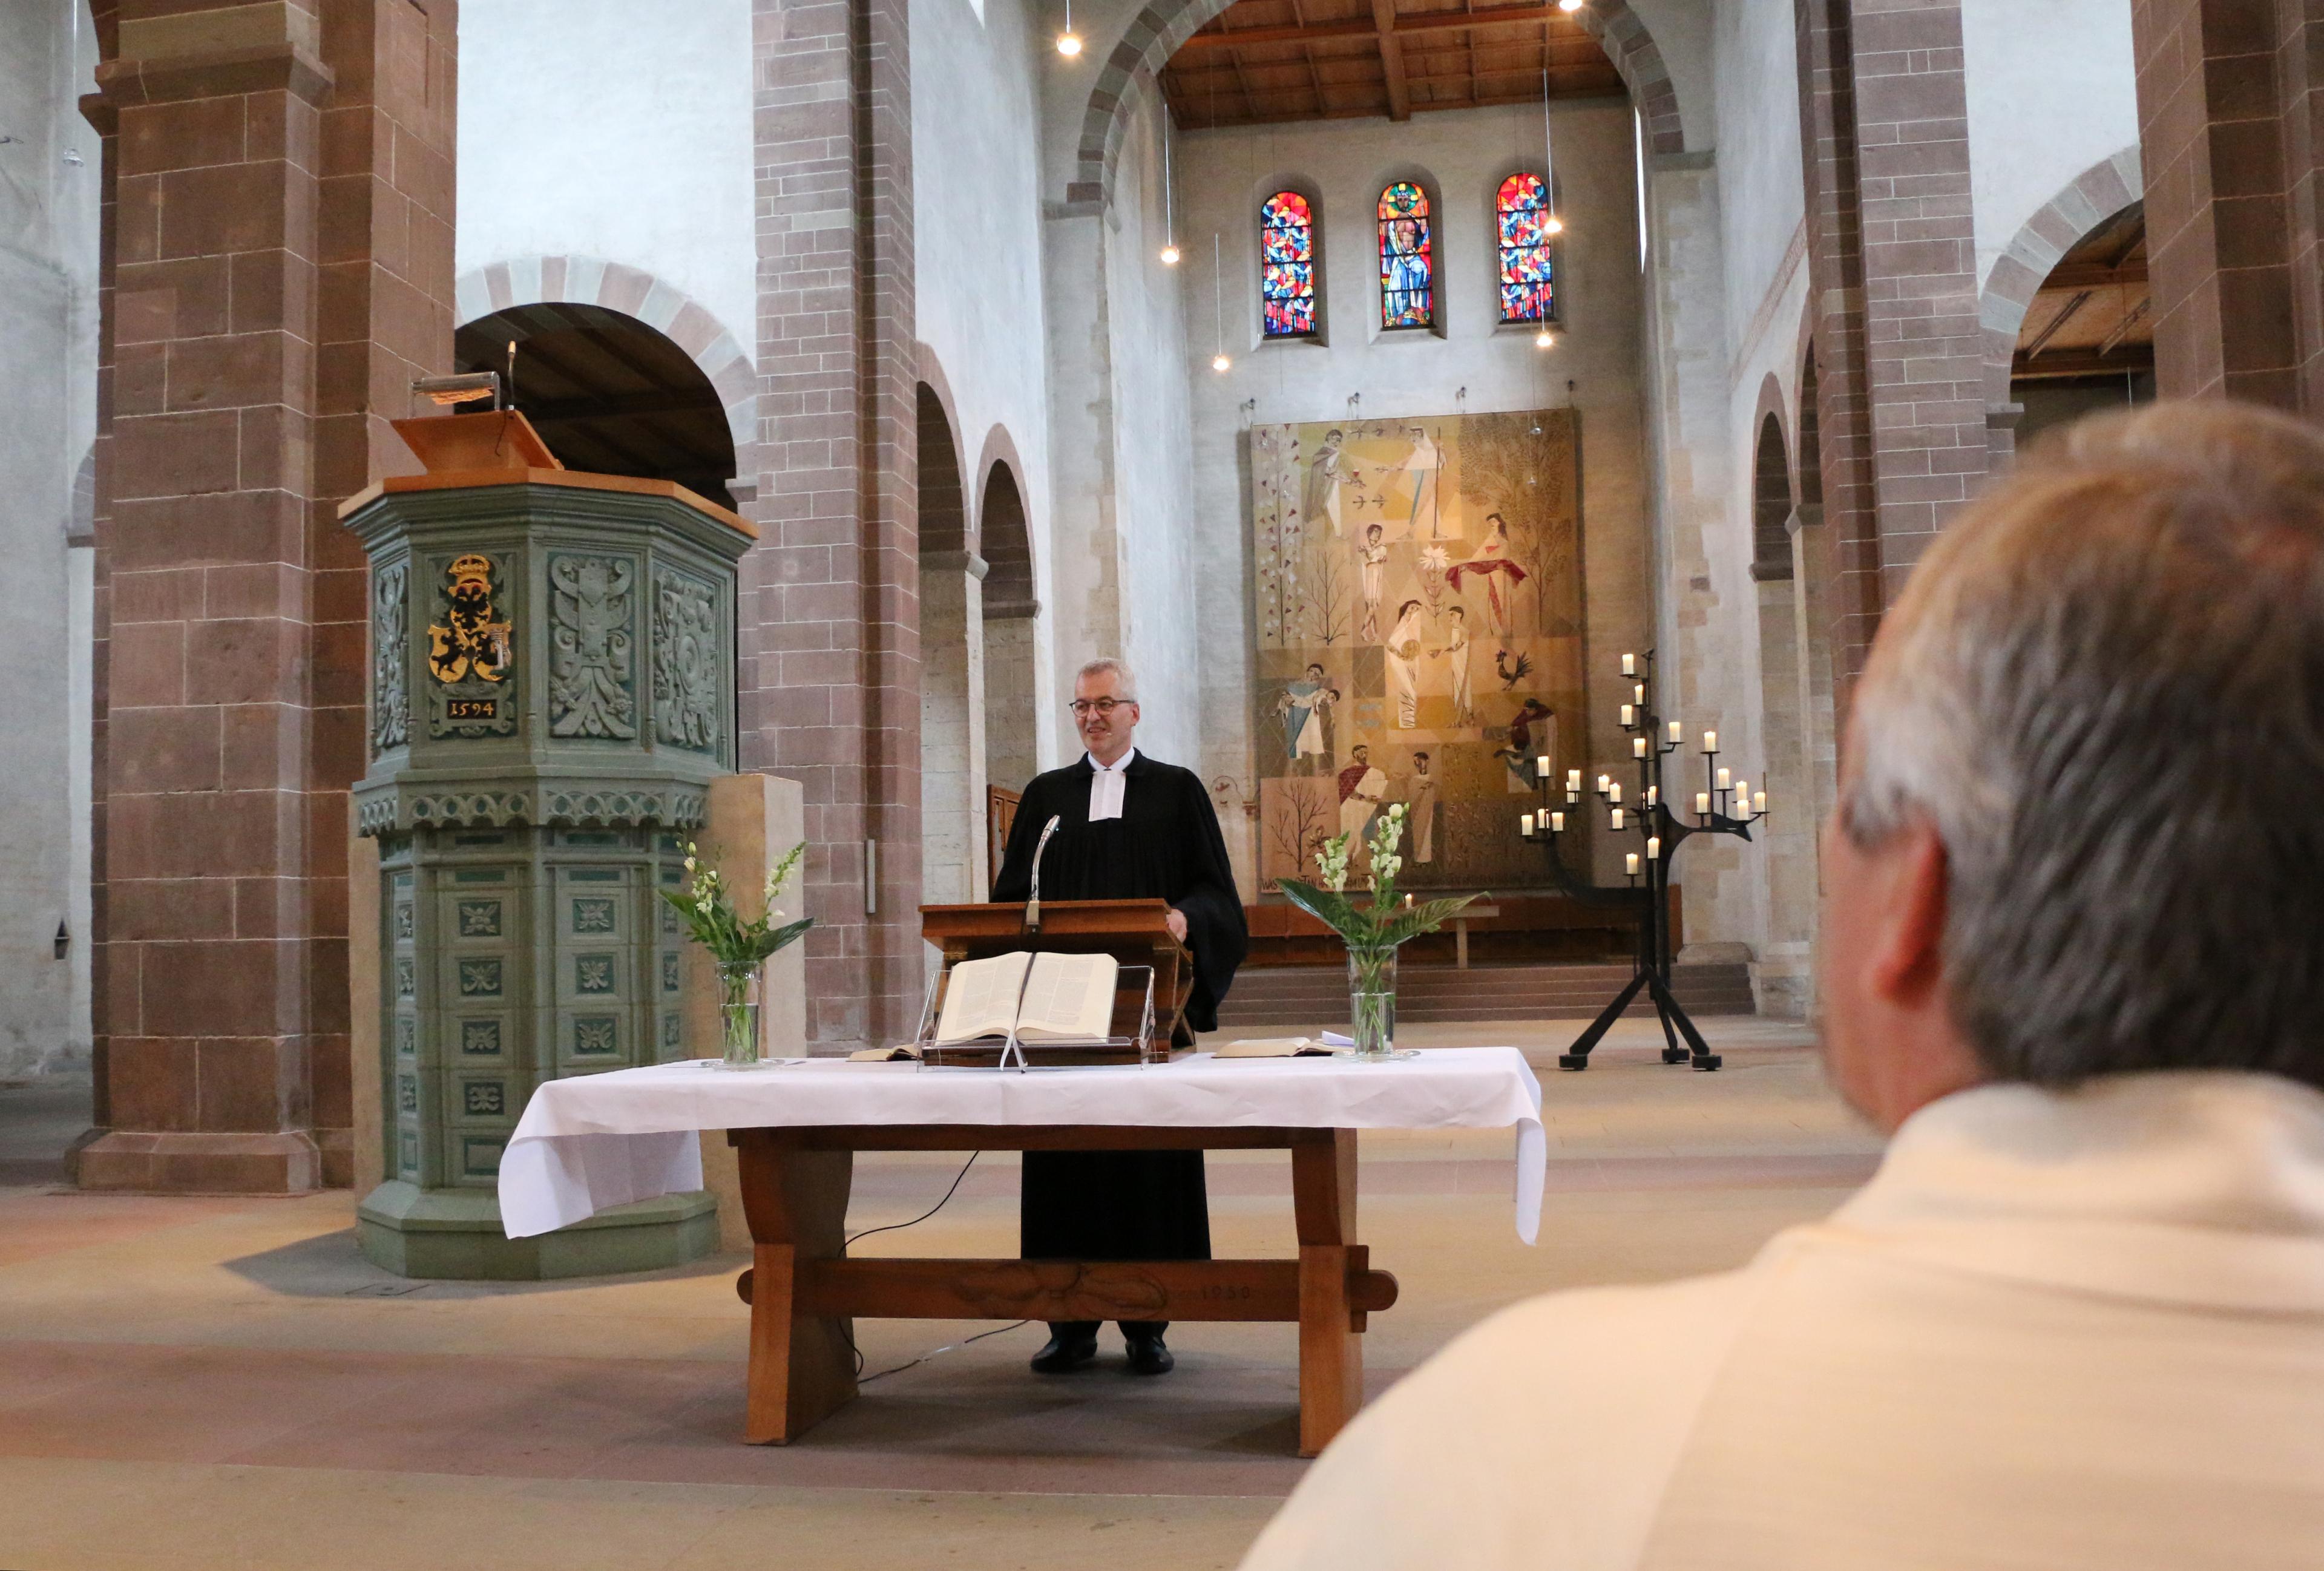 Doppel-Ordination im Schaffhauser Münster, Evang.-ref. Kirche Kanton ...